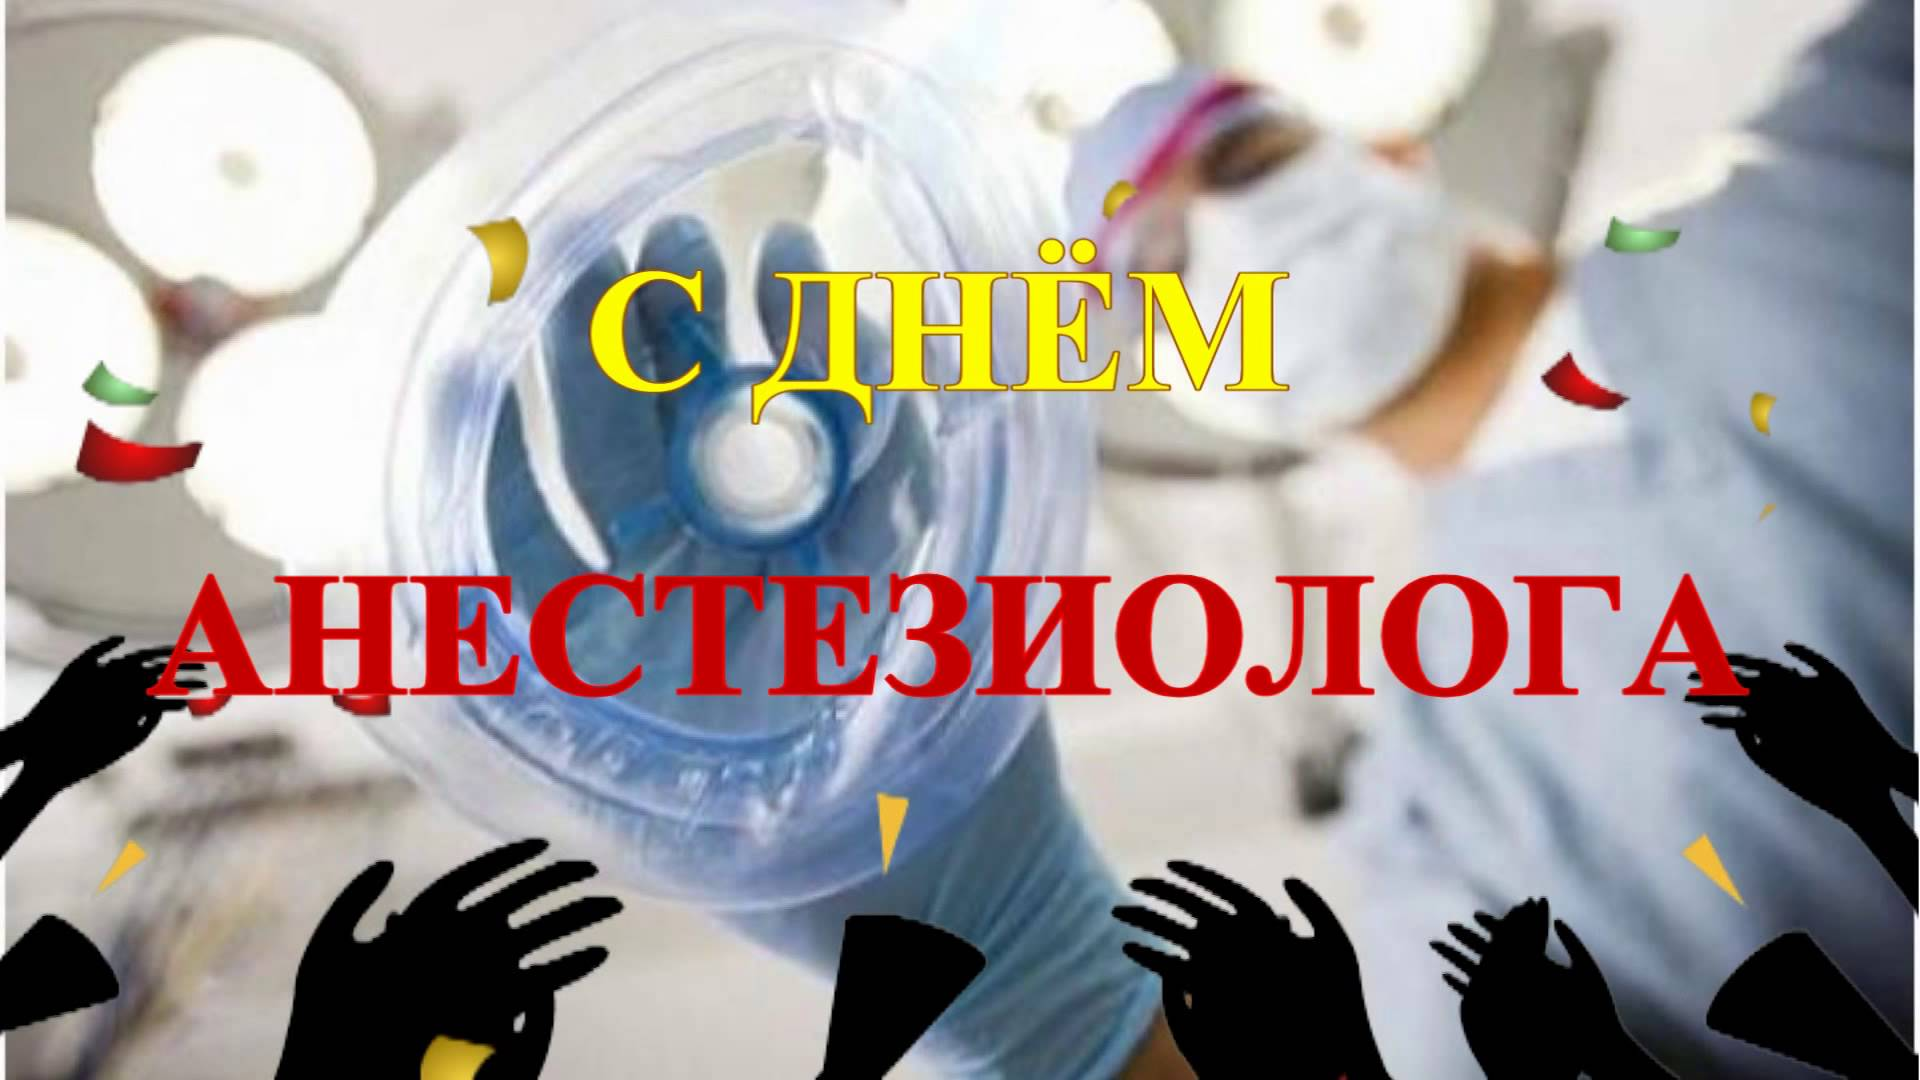 Открытки. С Днем анестезиолога. Поздравляю вас!